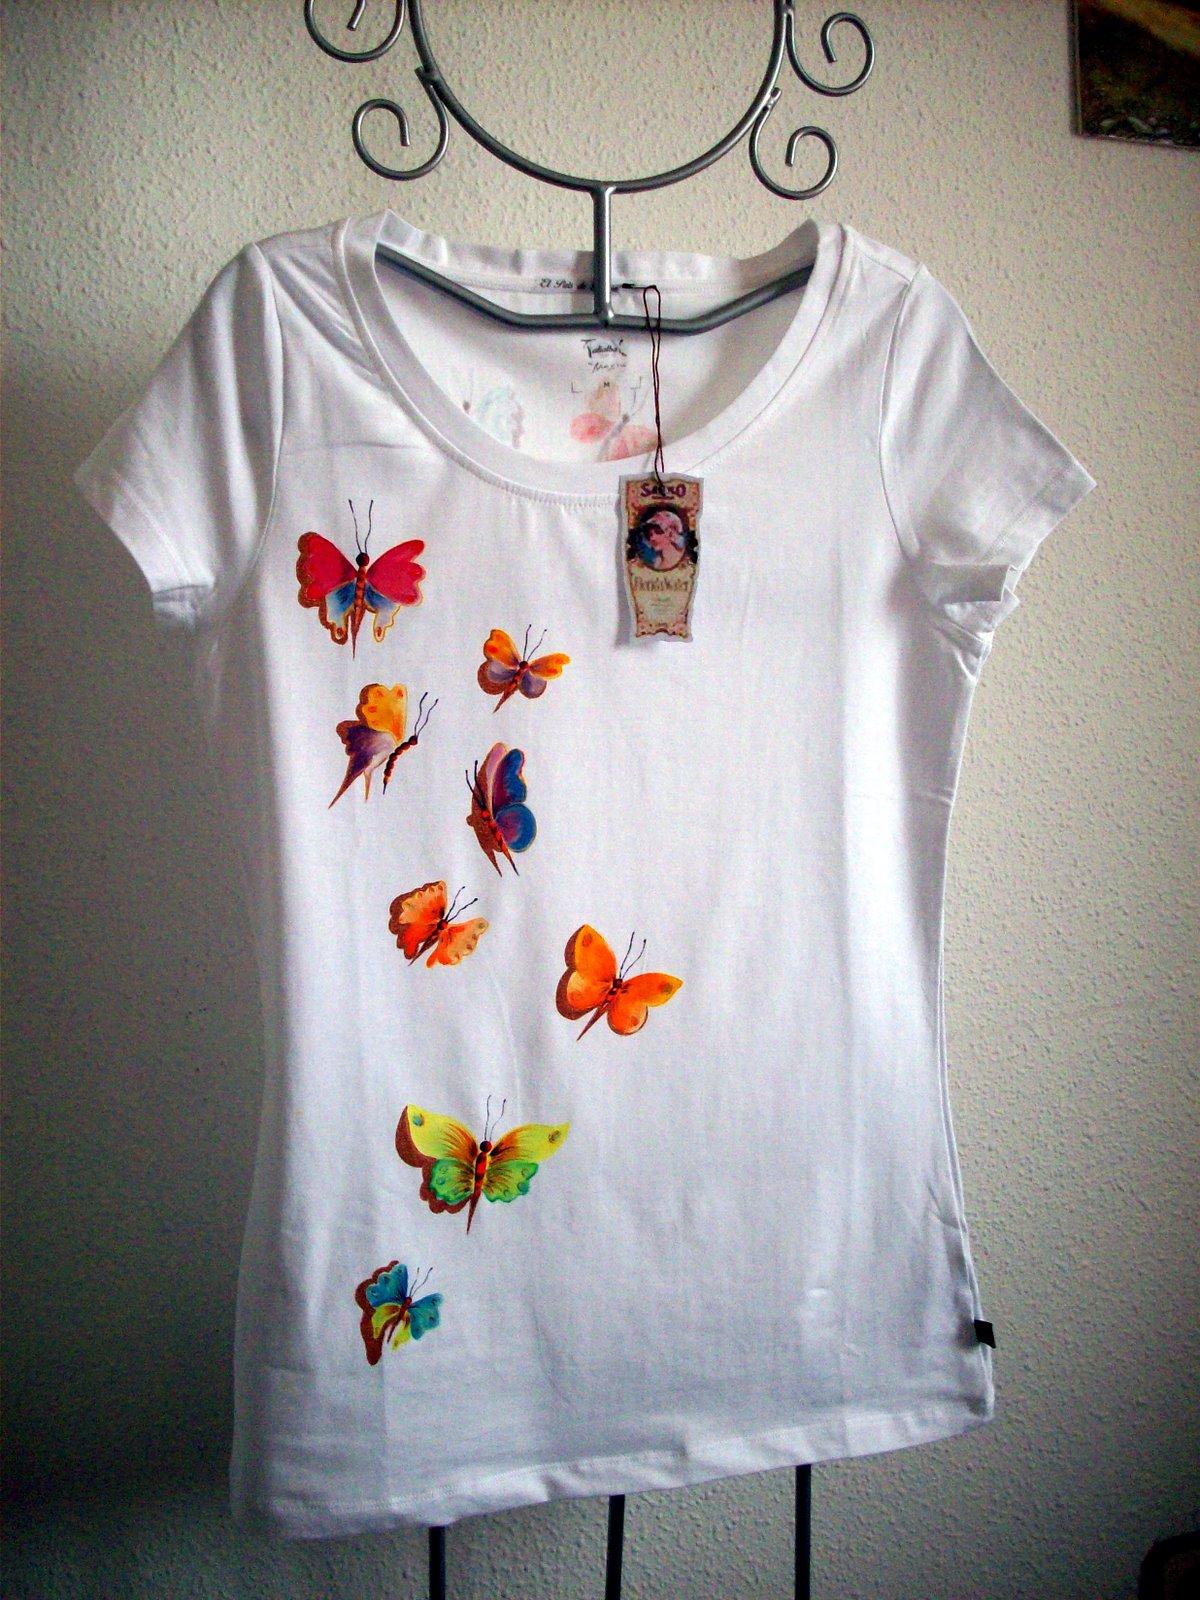 El pa s de babia camisetas pintadas a mano en el pa s de babia informaci n de precios - Plantillas para pintar camisetas a mano ...